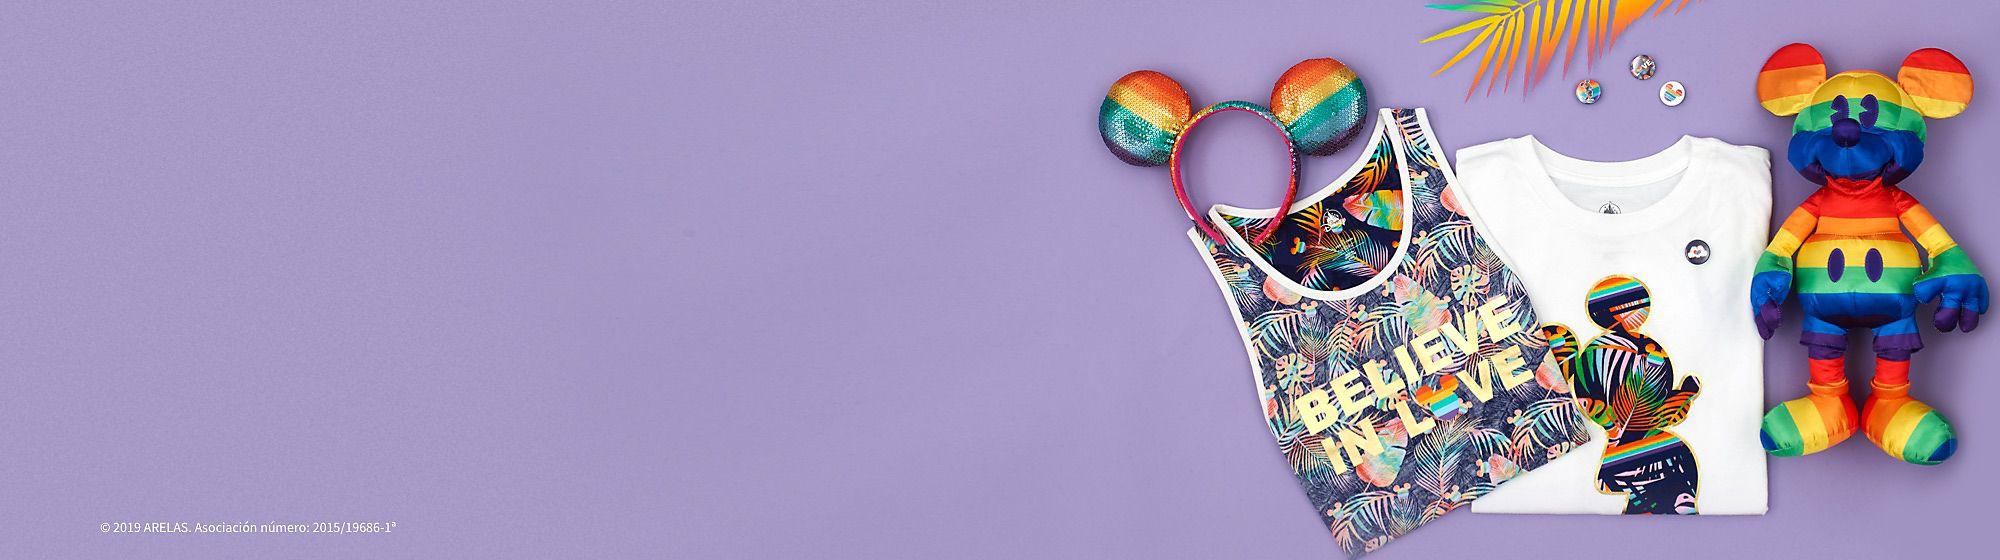 Colección Disney Rainbow Con motivo de la celebración del ORGULLO, hemos lanzado la colección Disney Rainbow. Disney España realizará una donación a ARELAS, asociación a favor de la diversidad y la inclusión